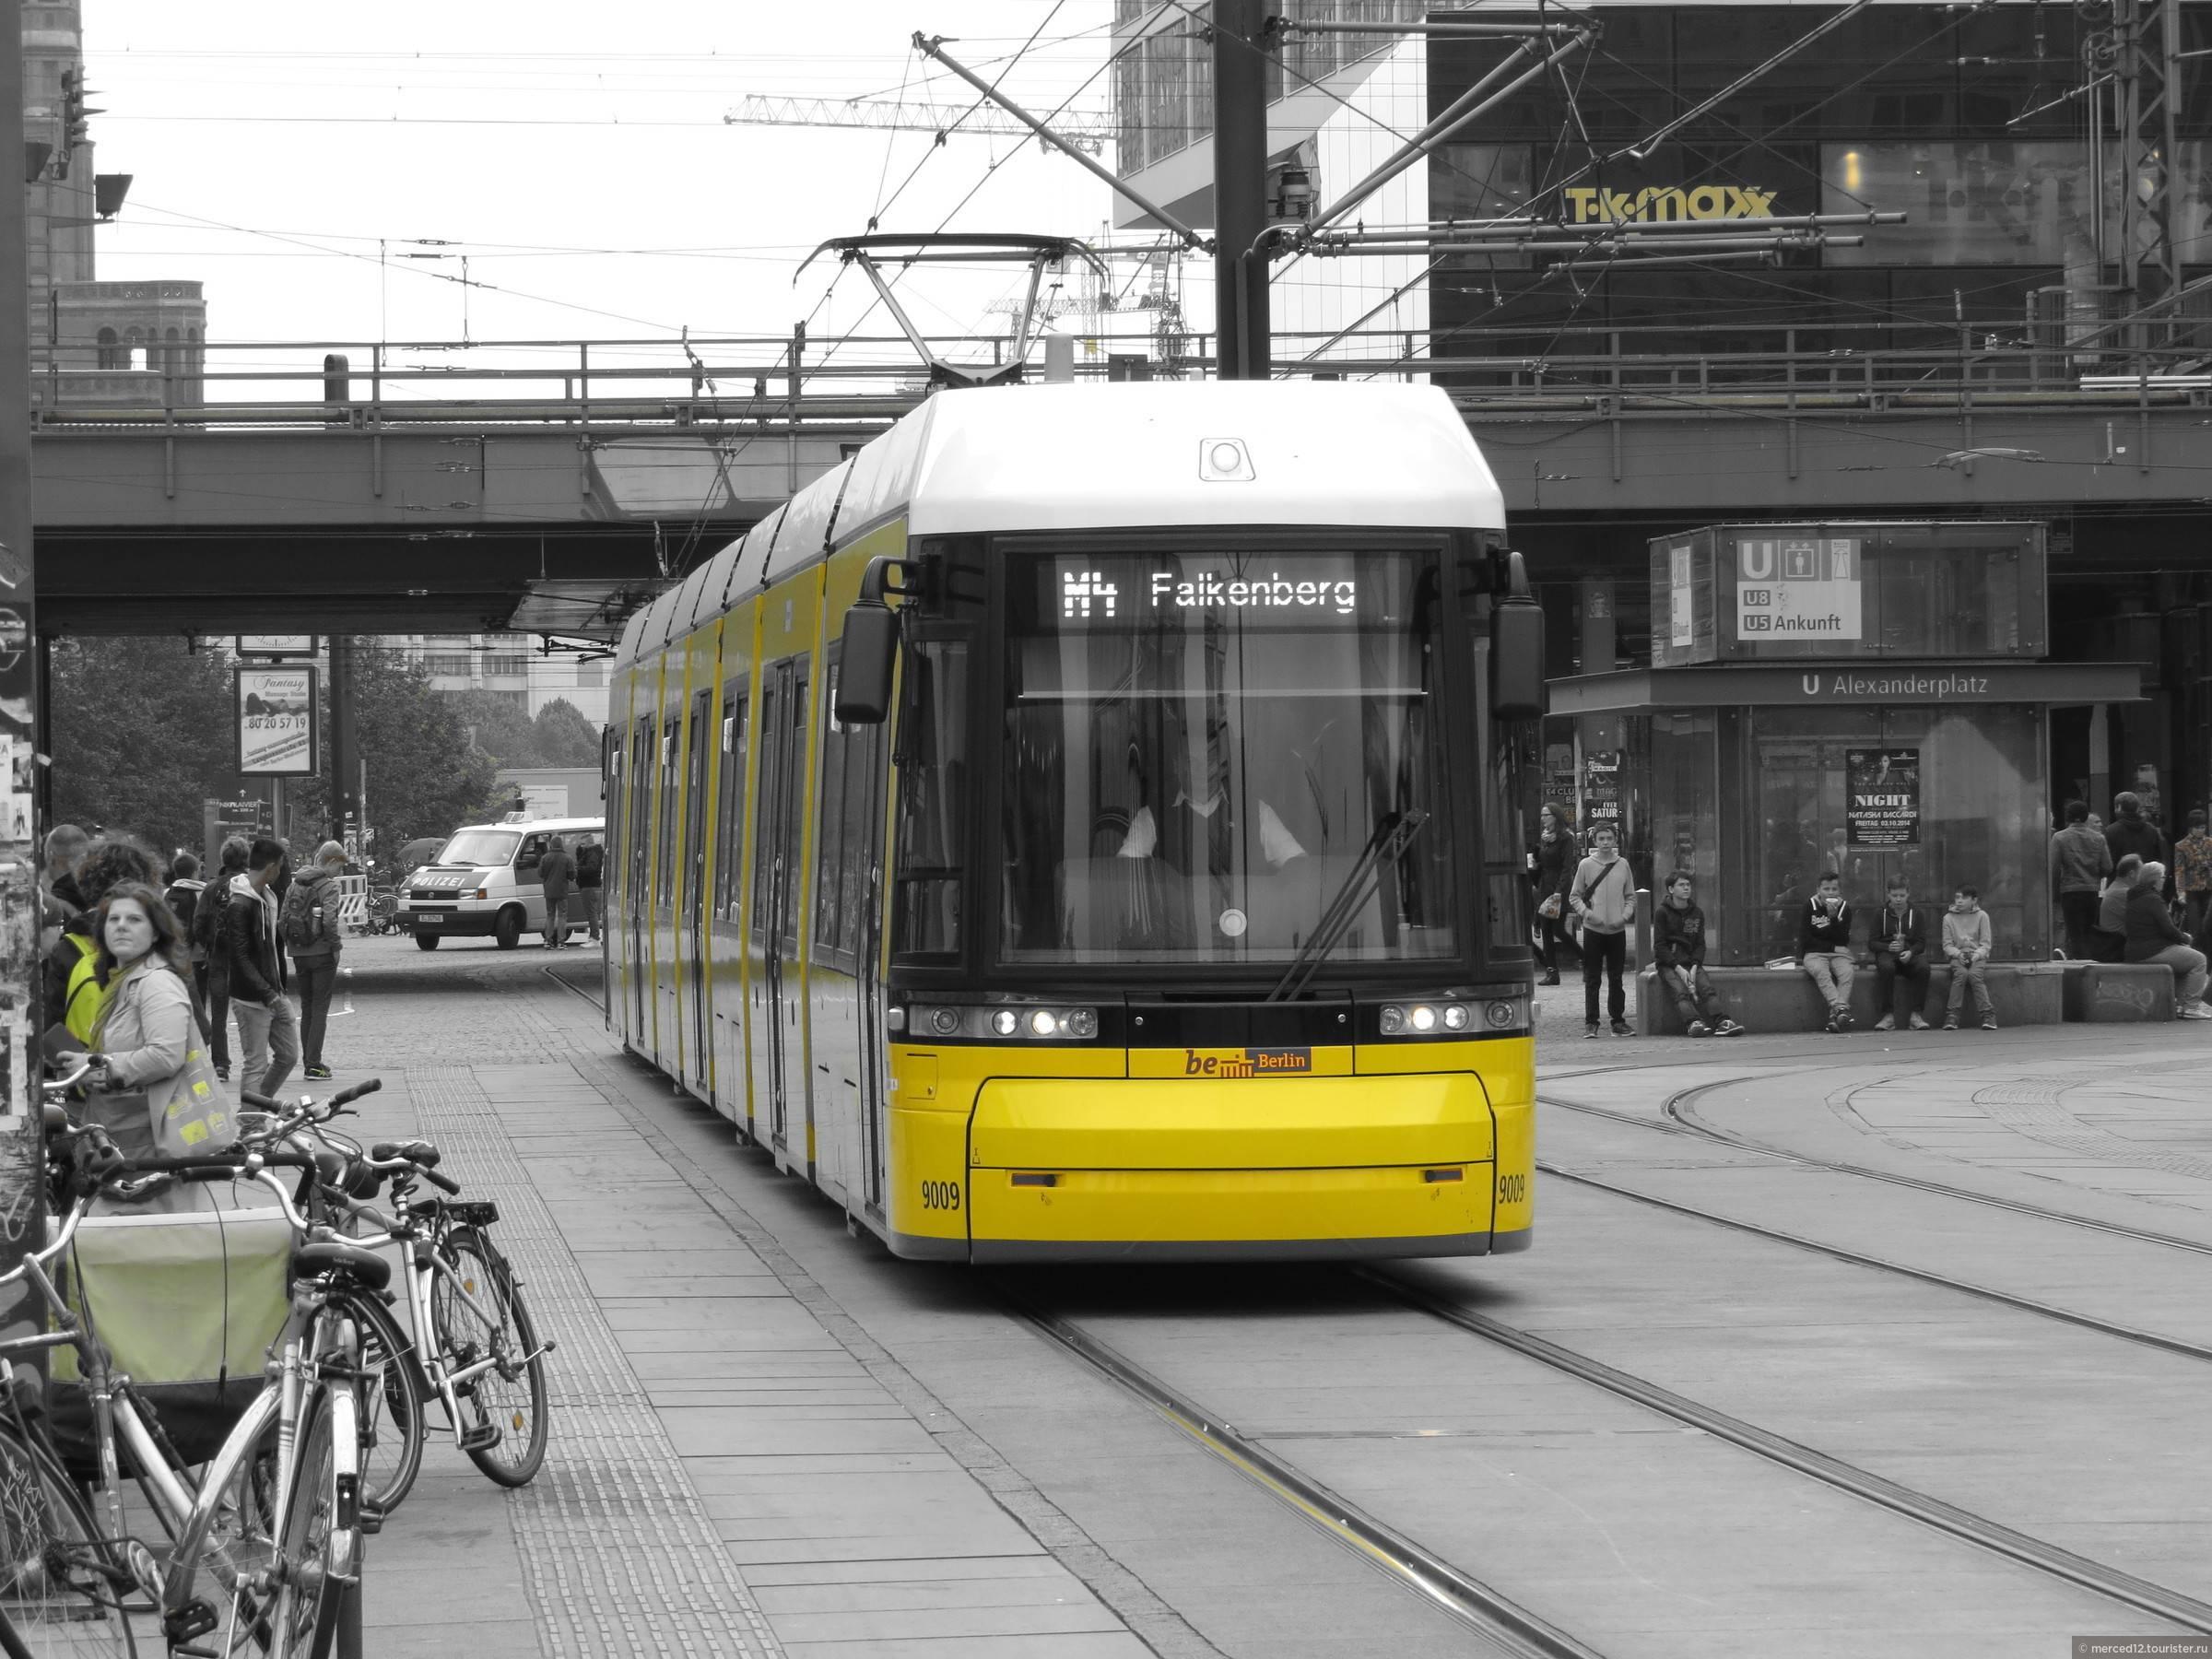 Как добраться из берлина в бремен: автобус, поезд, машина. расстояние, цены на билеты и расписание 2021 на туристер.ру